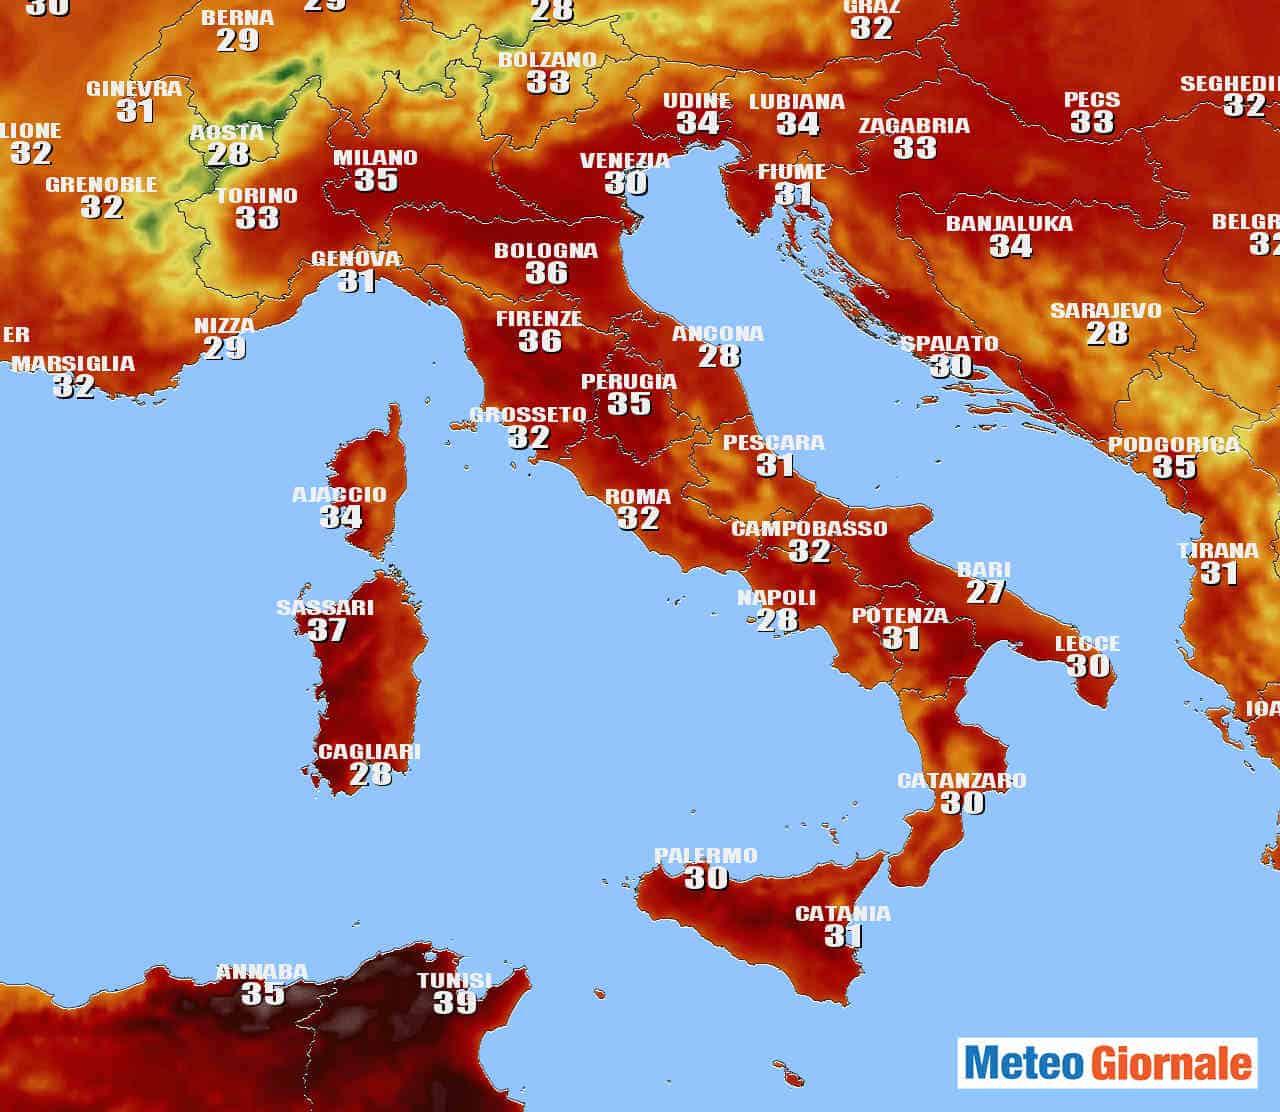 centro meteo tedesco previsione domenica 20 giugno - METEO, verso un fine settimana dal CALDO Asfissiante. Lunedì rischio GRANDINE